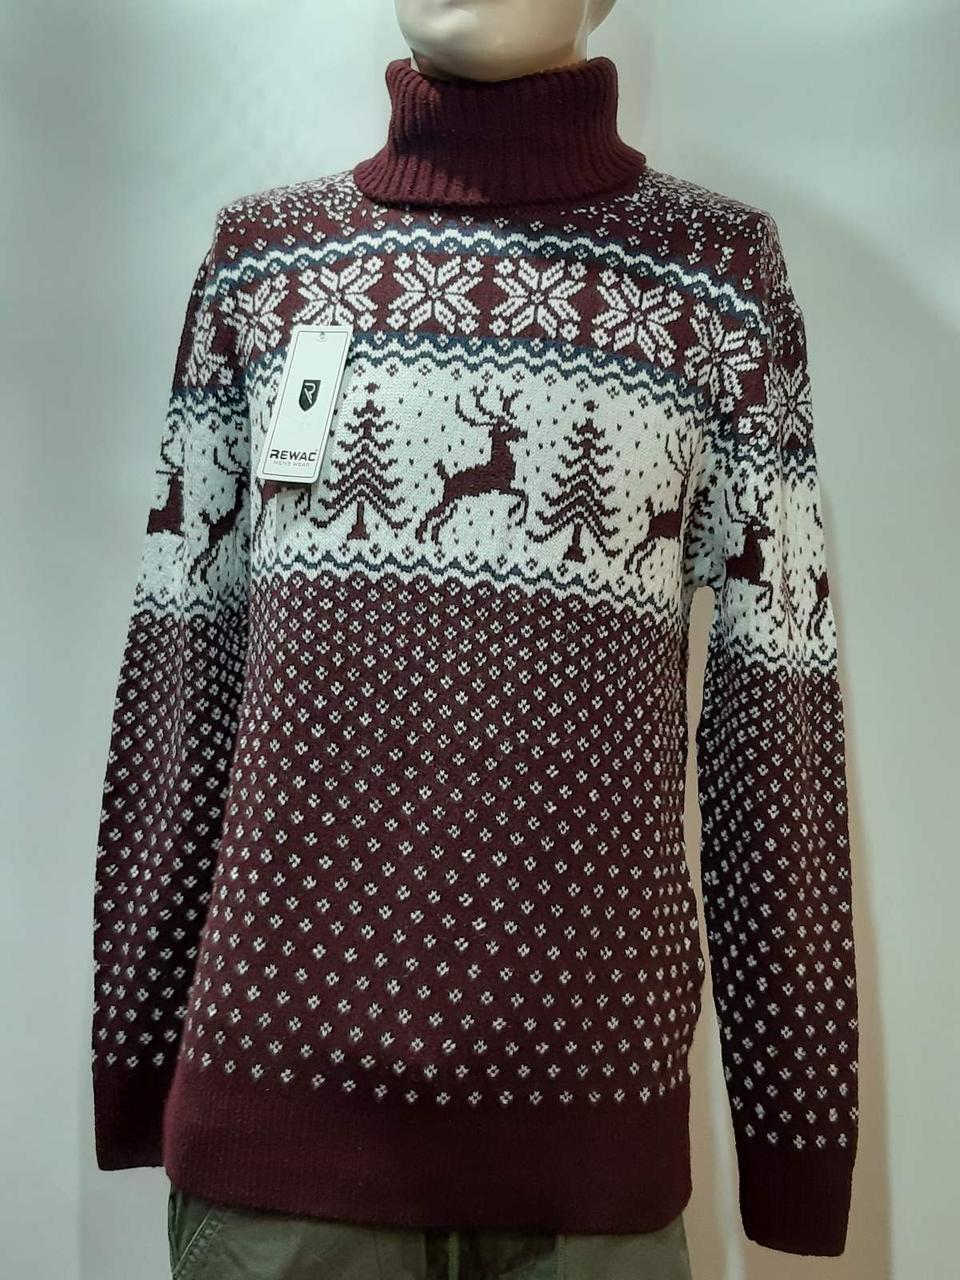 Новогодний мужской свитер с оленями Rewac под горло Турецкий качественный гольф Бордовый